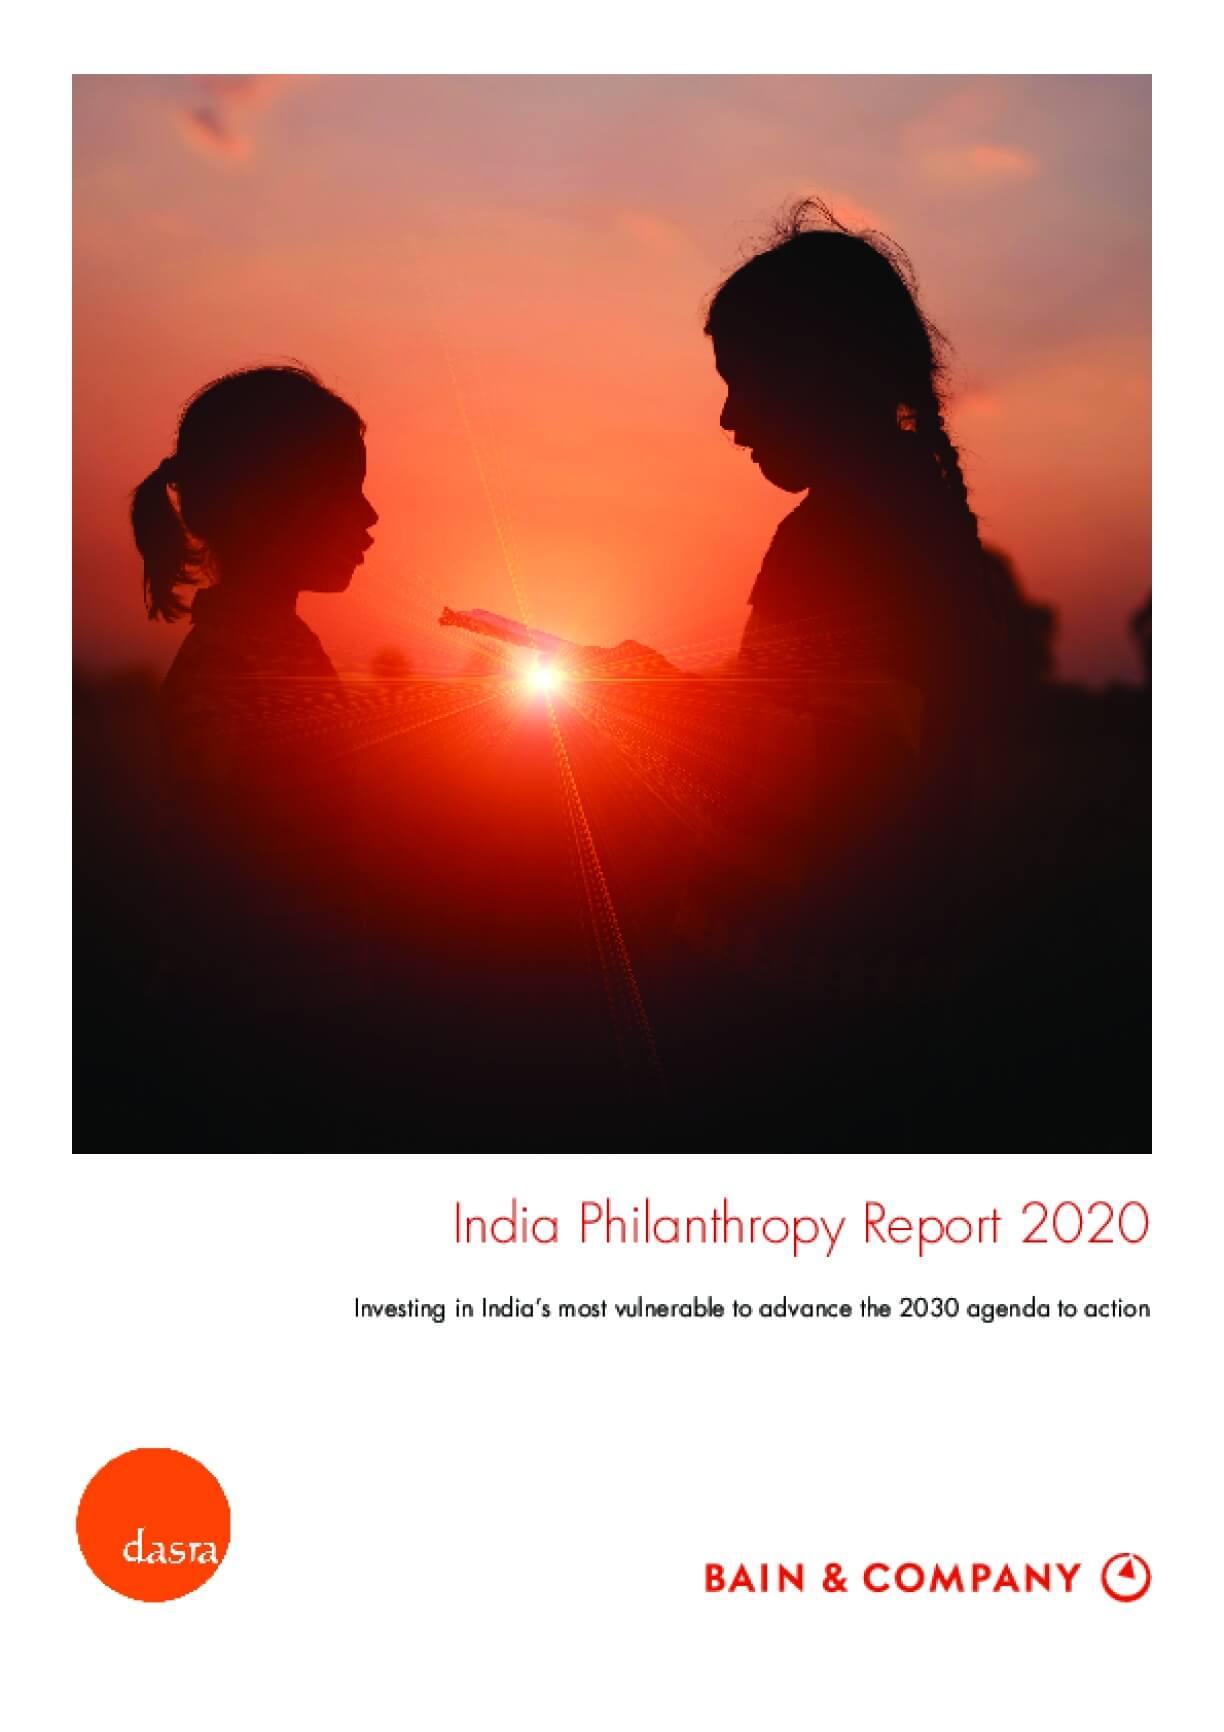 India Philanthropy Report 2020